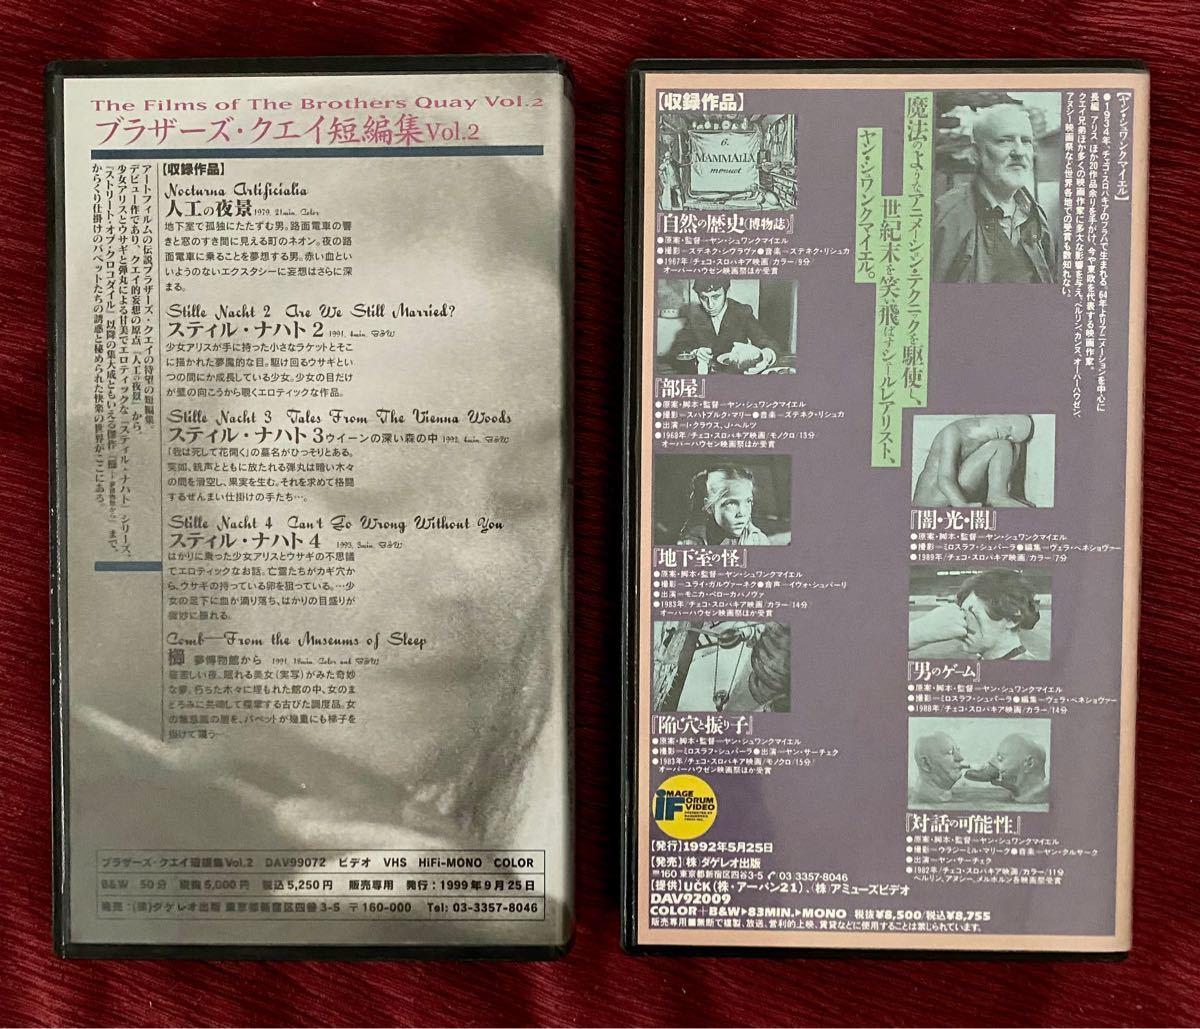 VHSビデオ 「シュワンク・マイエルの不思議な世界 愛と残酷のエクリチュール」ブラザーズ クエイ短編集vol.2